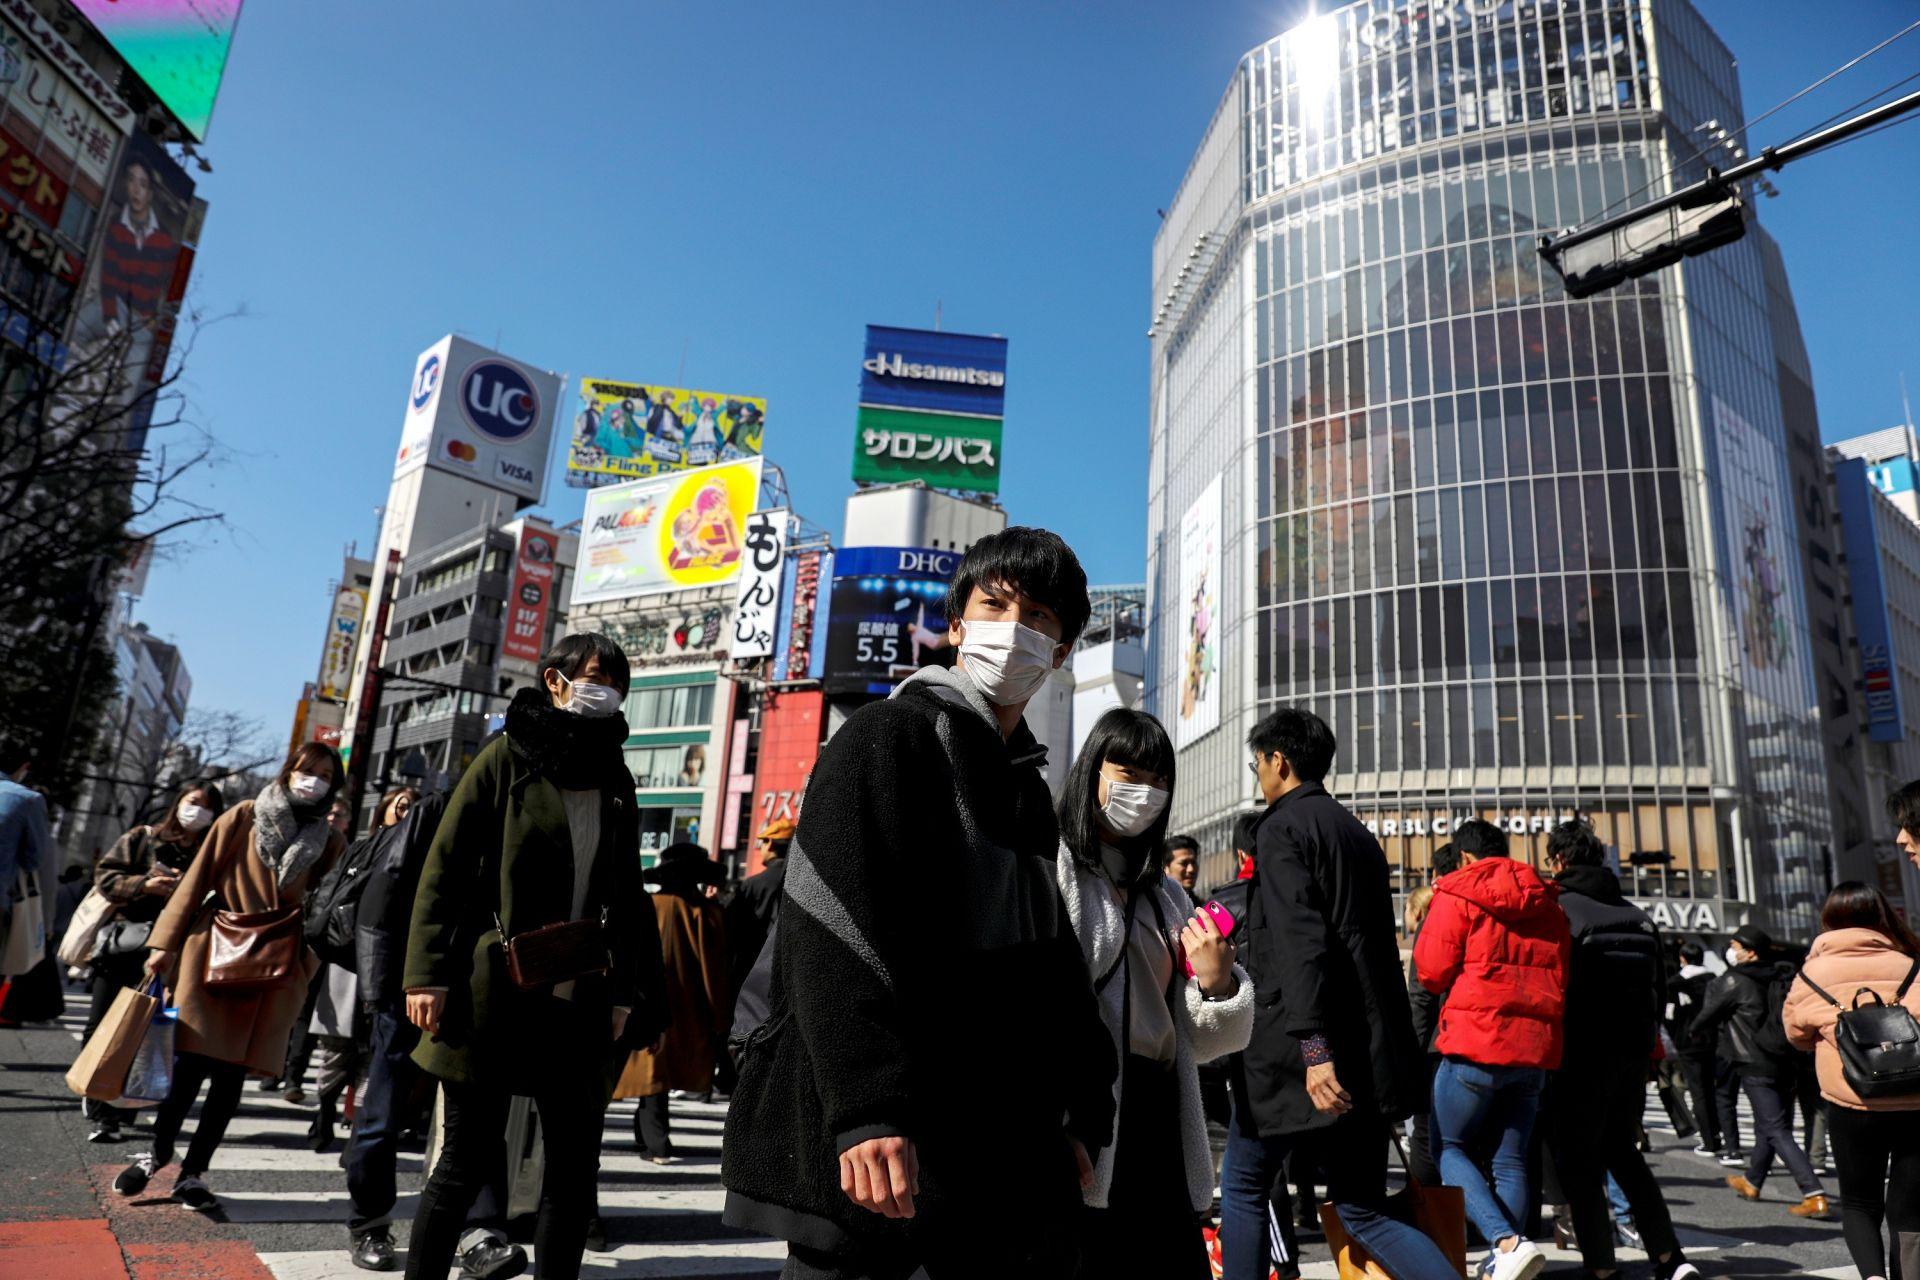 Covid-19 khiến kinh tế Nhật Bản lần đầu rơi vào suy thoái kể từ năm 2015